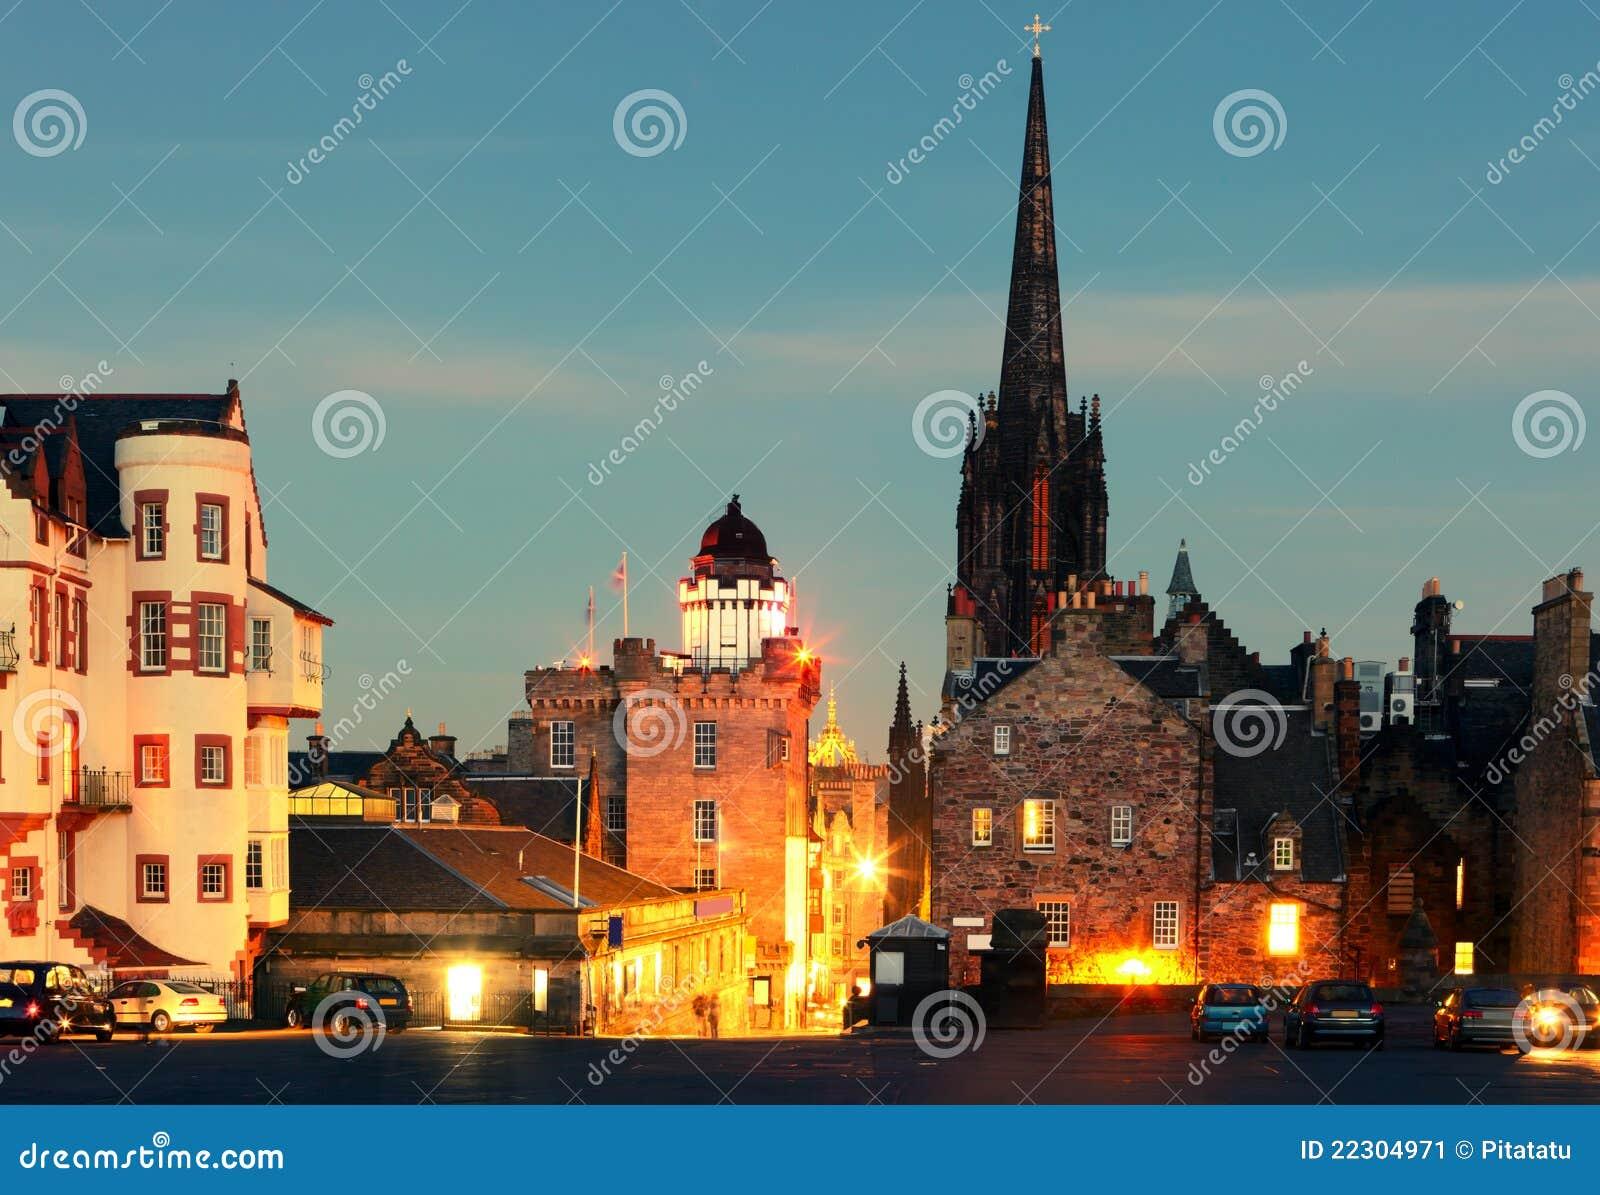 Castlehill - bovenkant van de Koninklijke Mijl van Edinburgh.